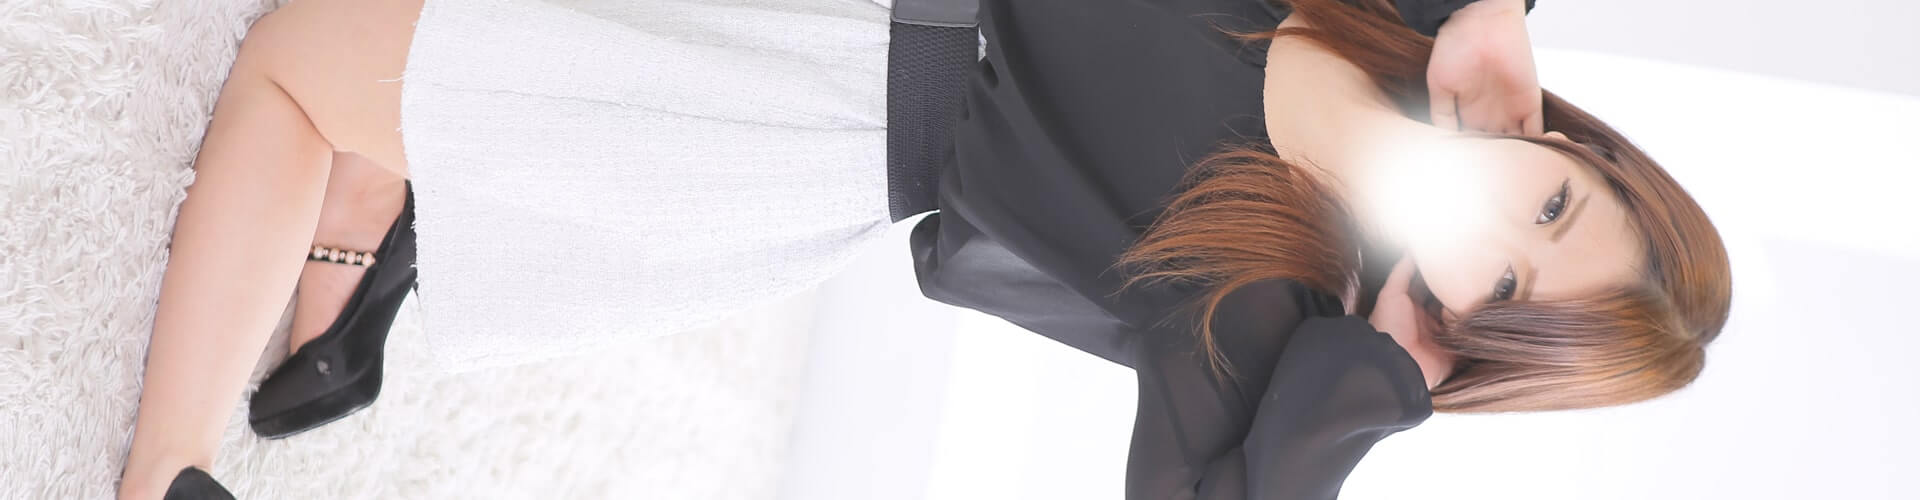 錦糸町デリヘル風俗|錦糸町 小岩 デリバリーヘルス【キャンパスサミット錦糸町店】モデルいぶ写真